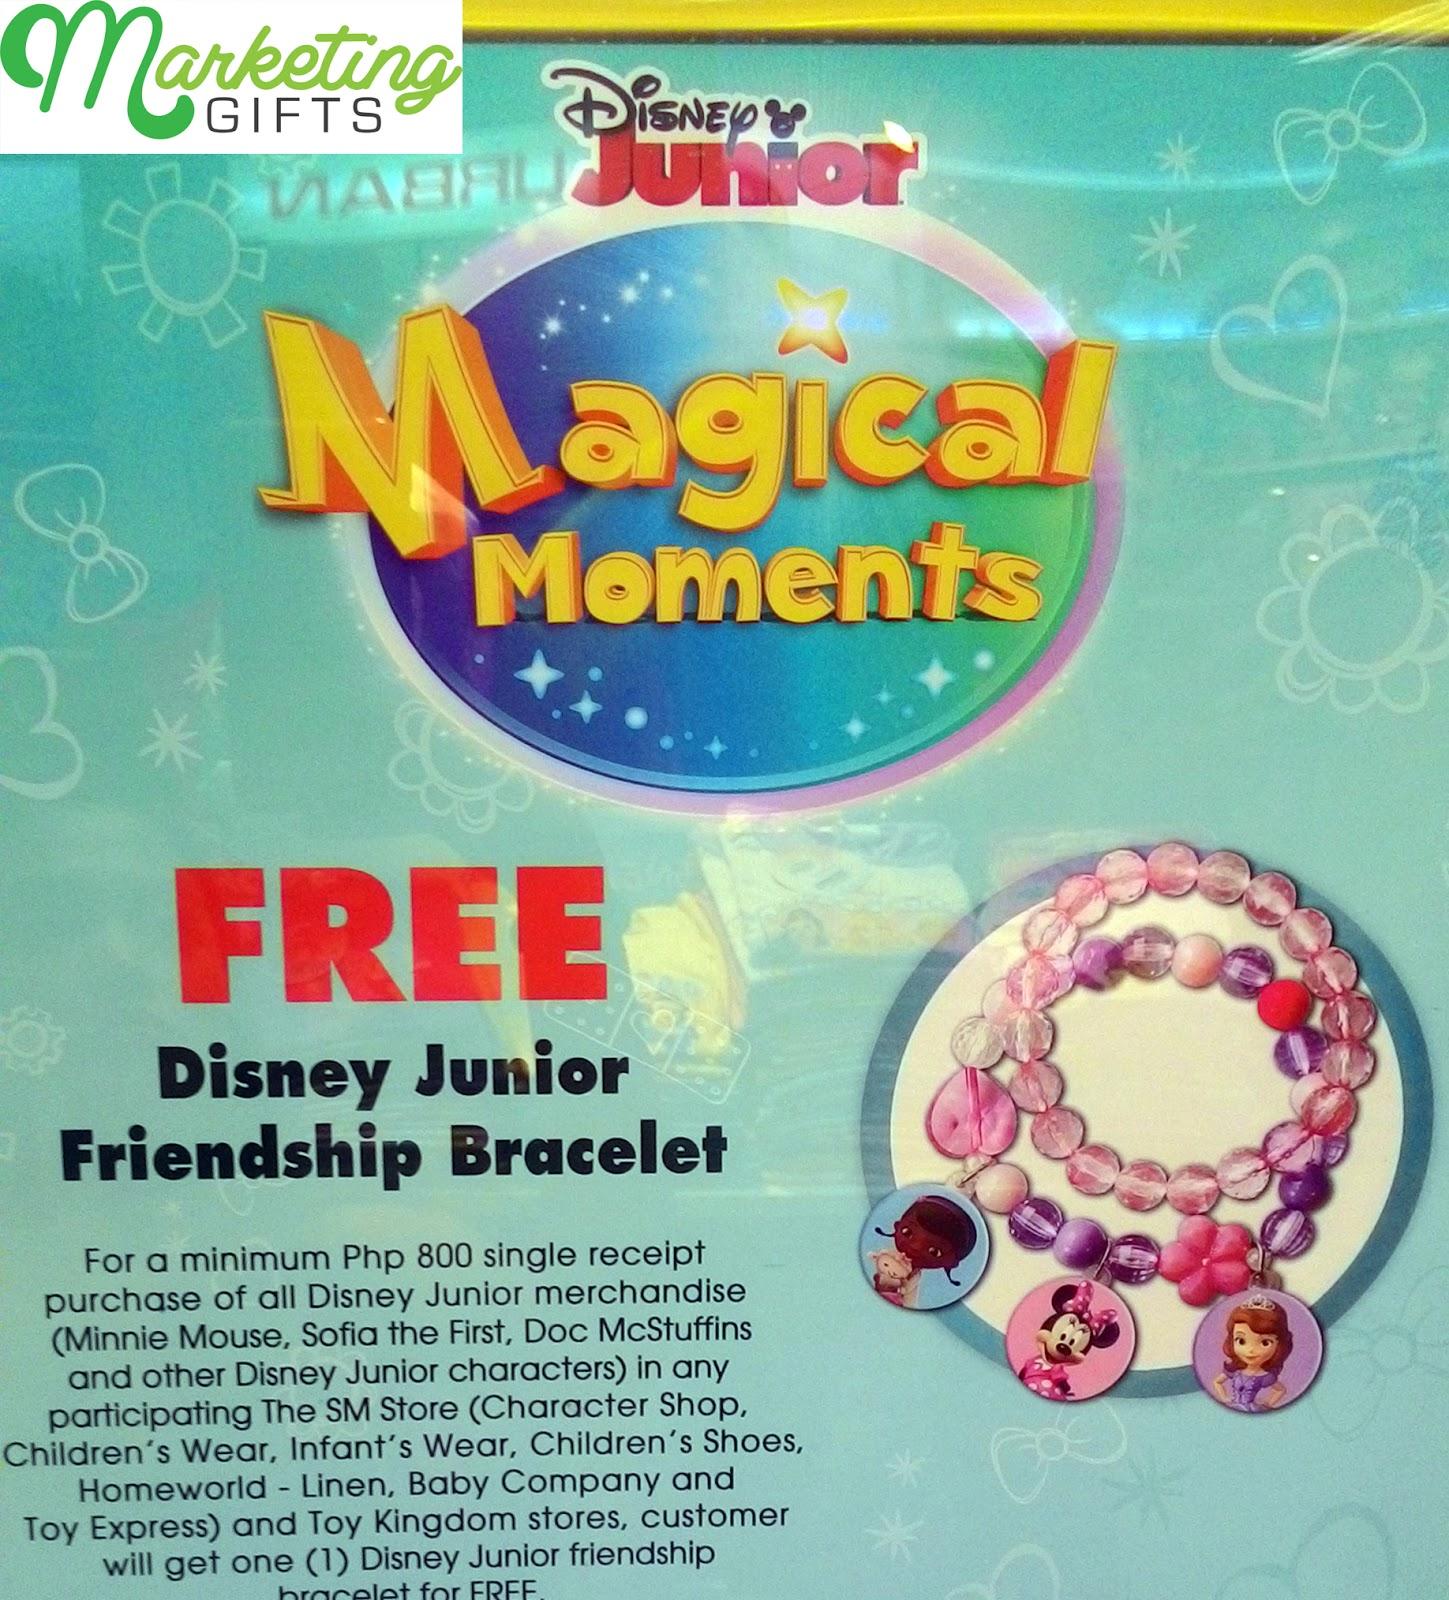 marketing gifts disney junior promo gift free friendship bracelet. Black Bedroom Furniture Sets. Home Design Ideas